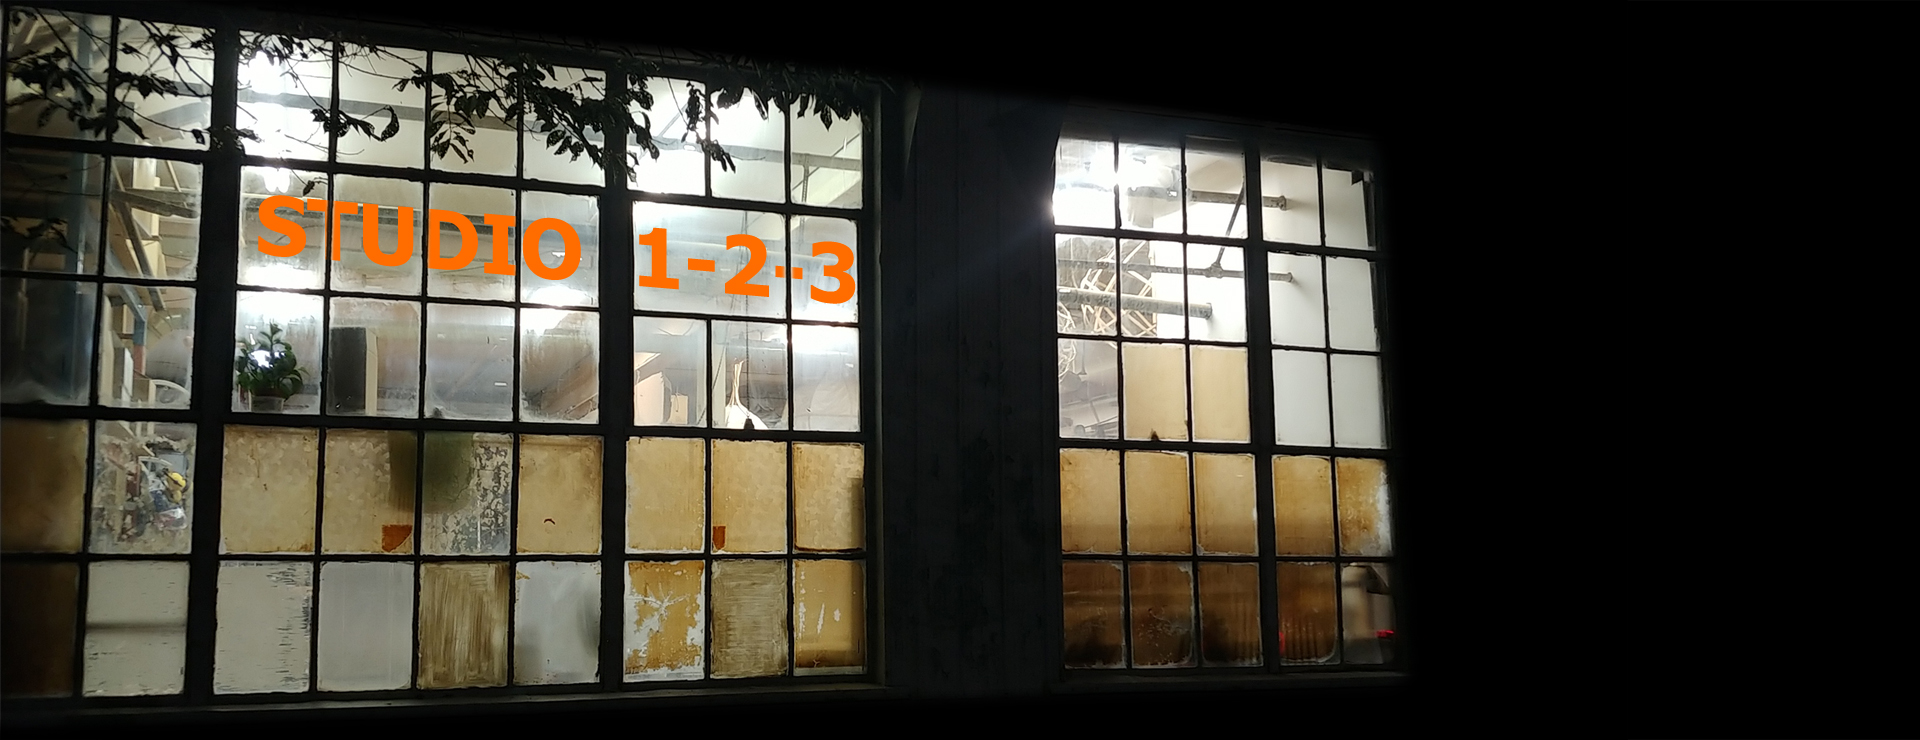 Open Studio 1-2-3